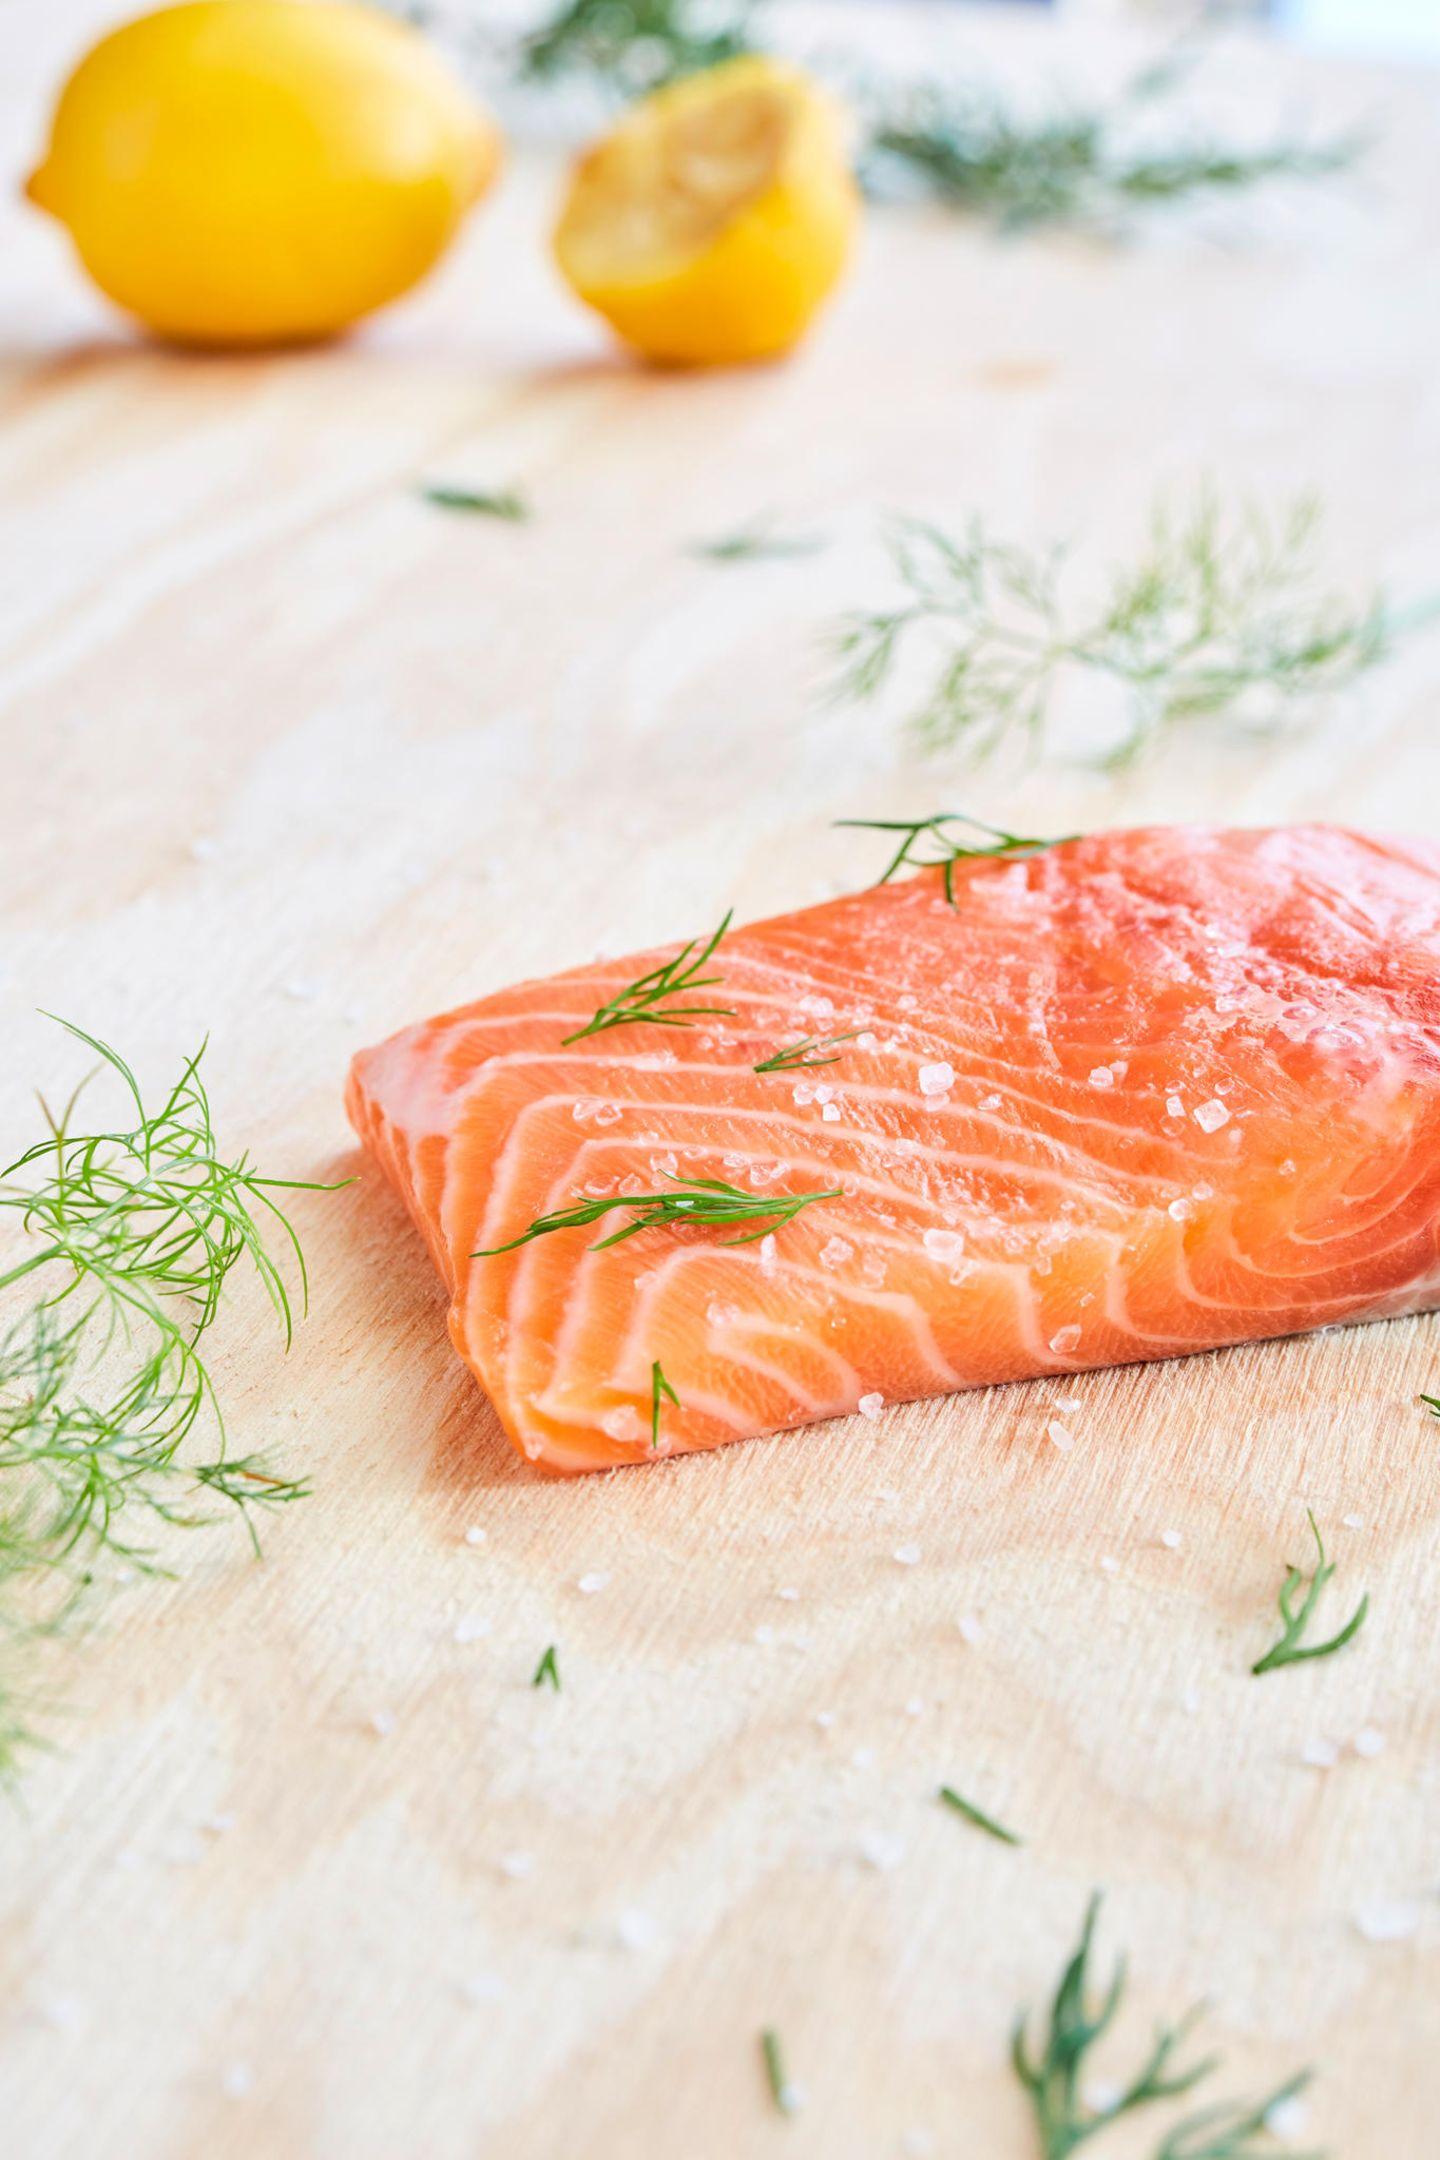 Glow-Foods für eine schöne Haut, Haare und Nägel gefällig? Dann gehört Lachs definitiv auf die Einkaufsliste. Der Grund: Jede Zelle unseres Körpers besteht aus Fettsäuren. Je nachdem, welche Fette wir zu uns nehmen, sind auch unsere Zellen beschaffen. Besonders positiv wirkt sich hierbeiLachs aus.